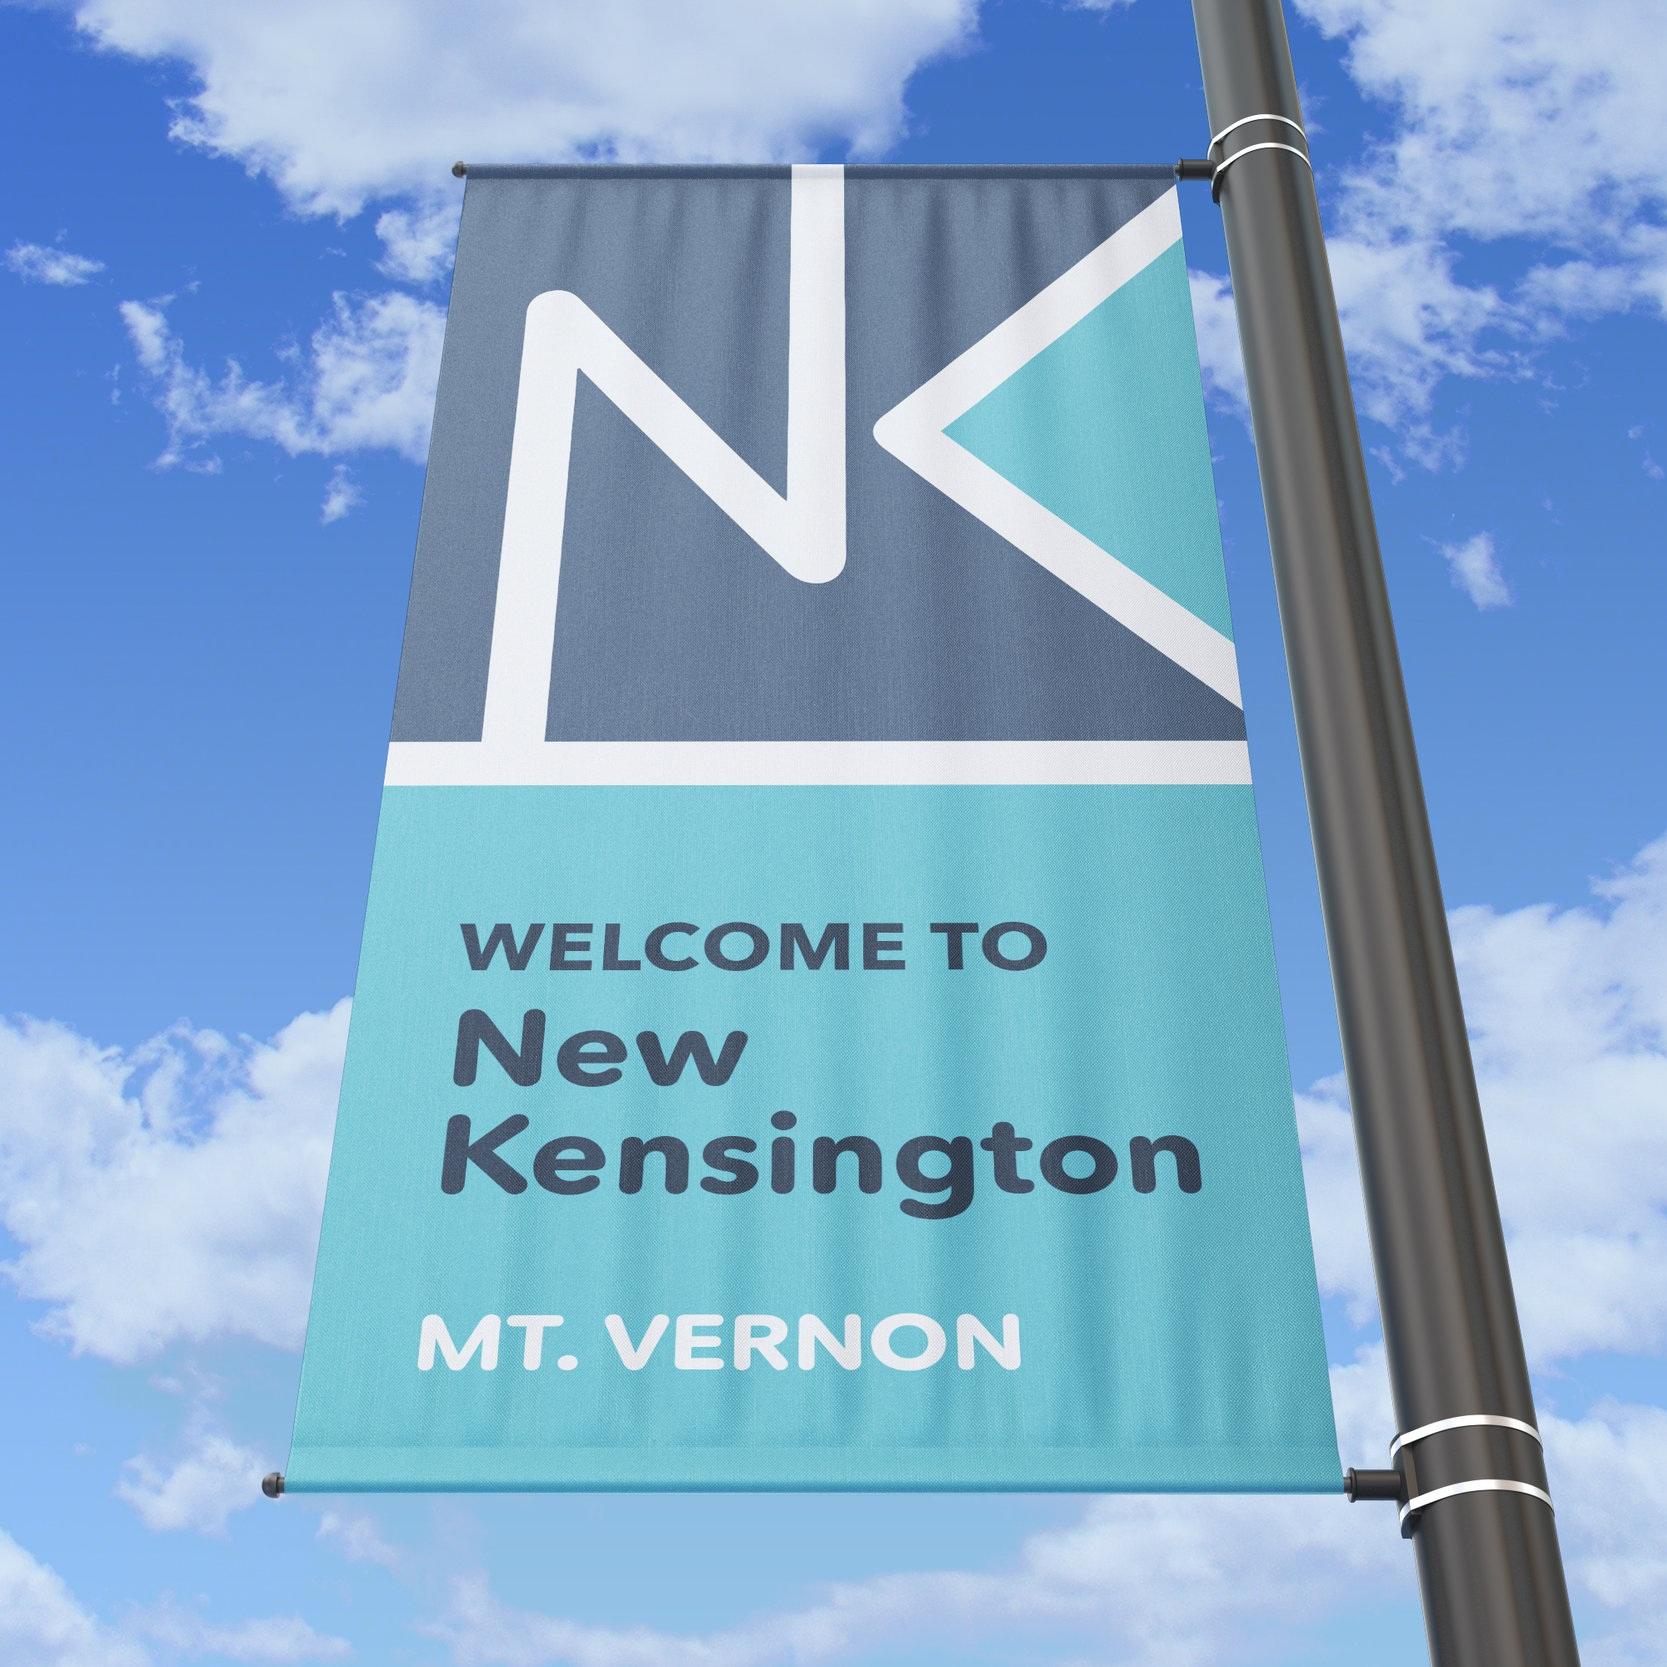 NewKen_Welcome_Poster_Concept2_MountVernon.jpg